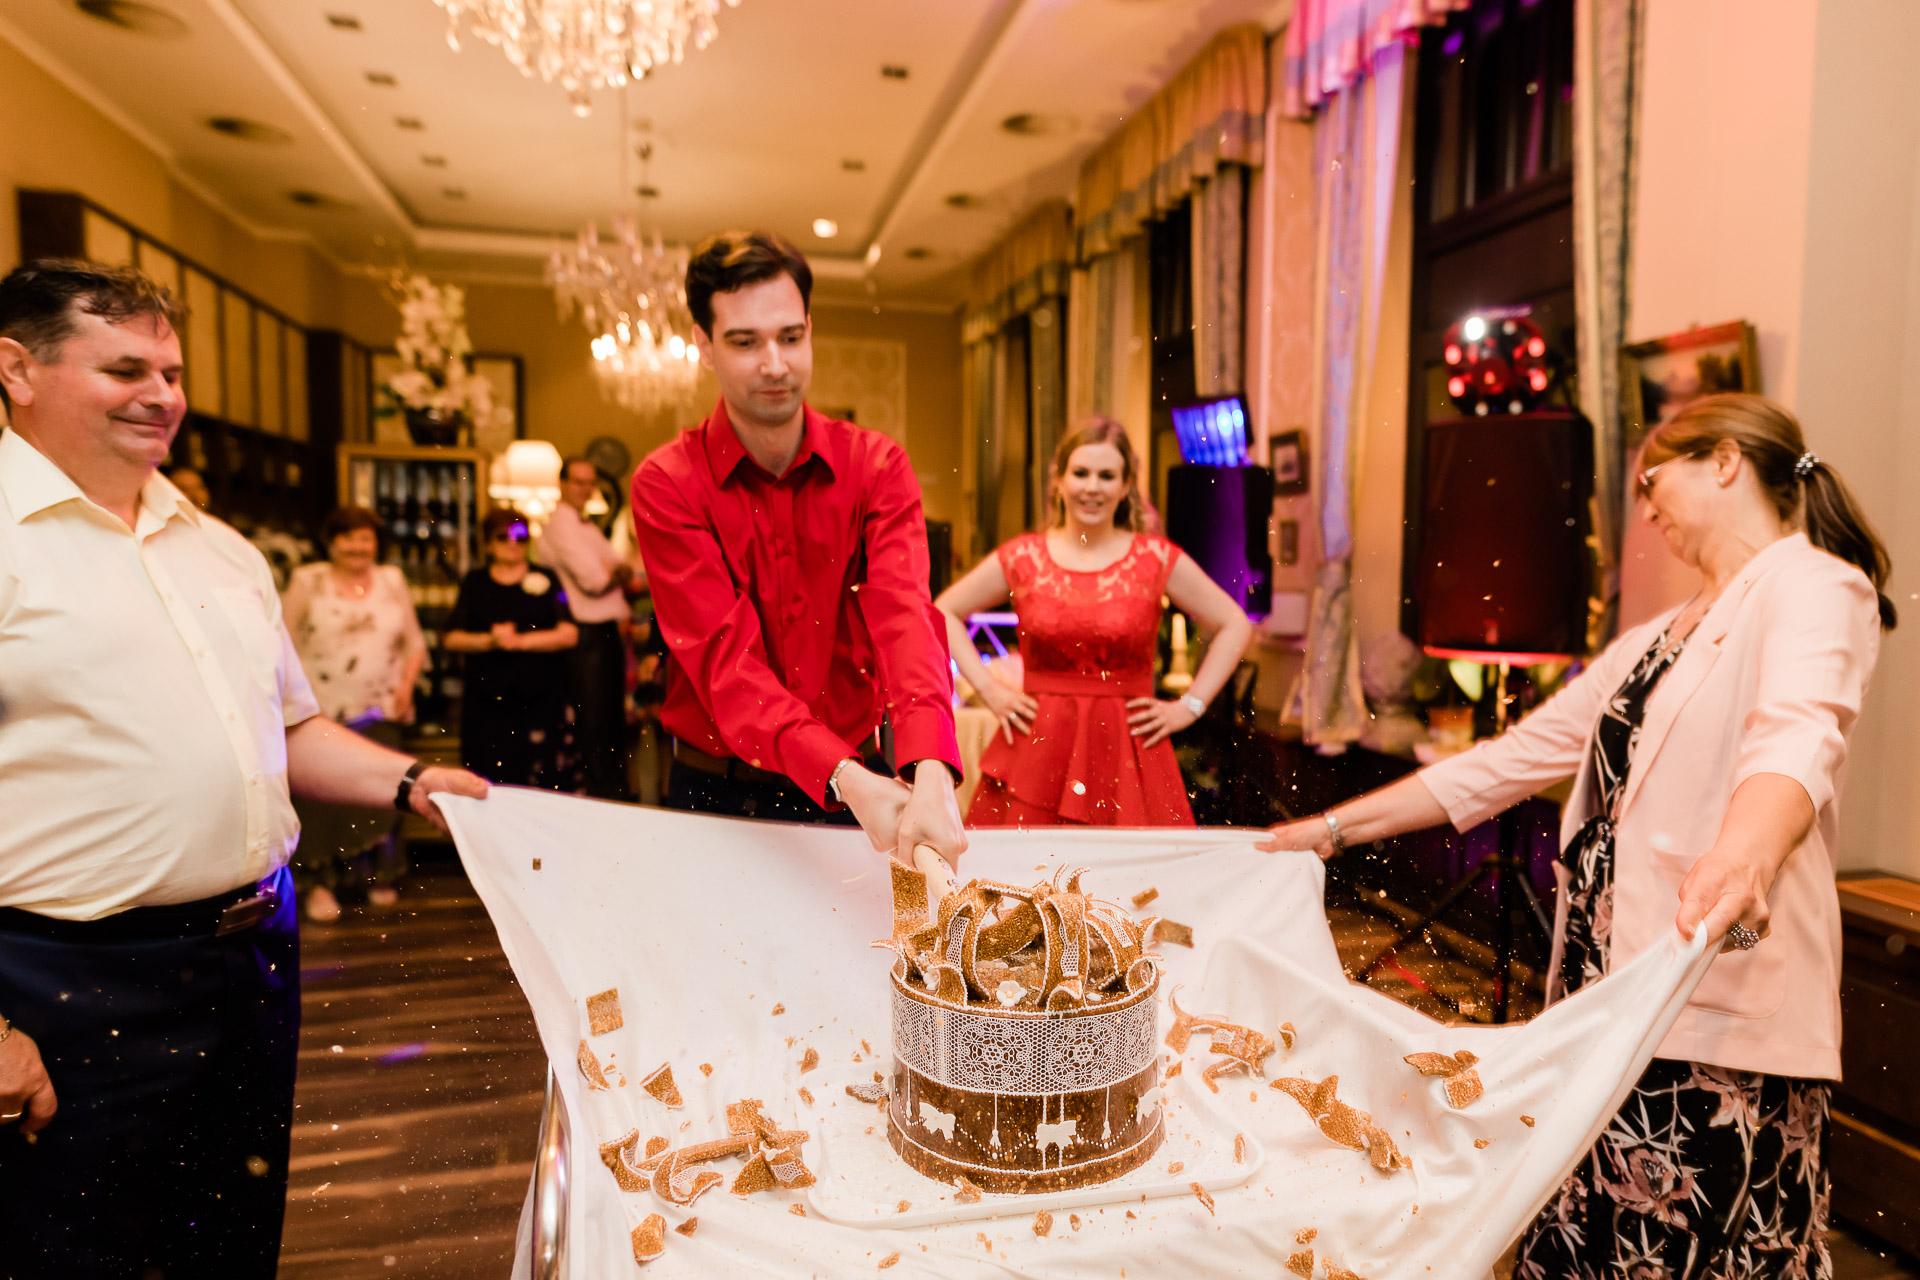 FB-Pillanatom-esküvő-jegyes-fotózás-GyöngyiGábor-esküvő-0078-